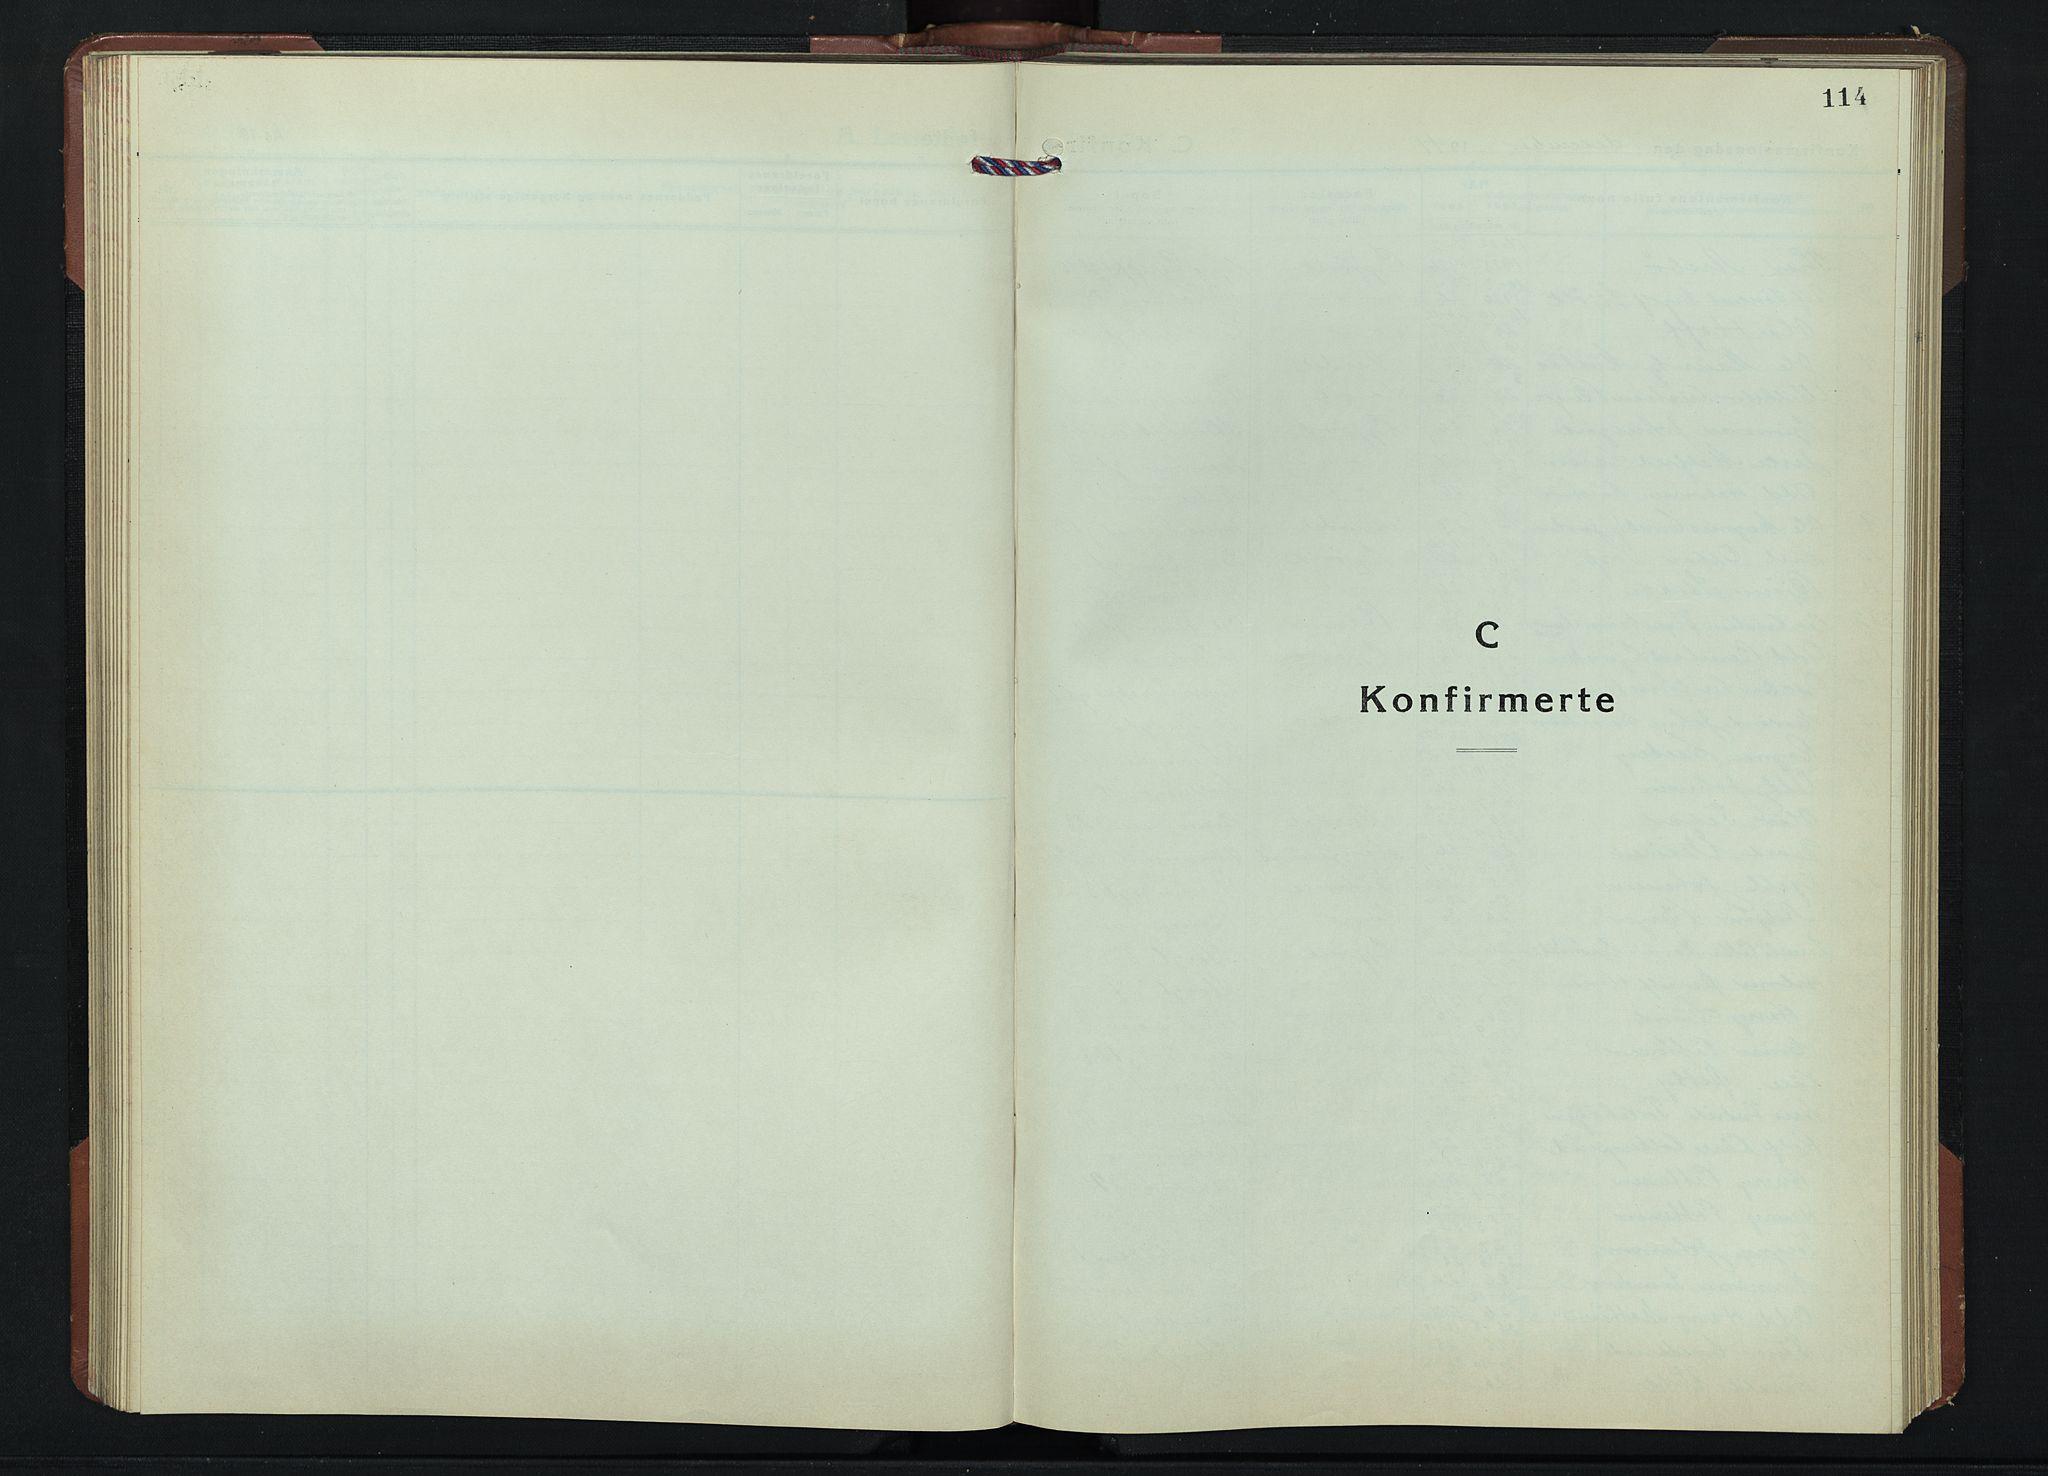 SAH, Gjøvik prestekontor, Klokkerbok nr. 1, 1941-1951, s. 114